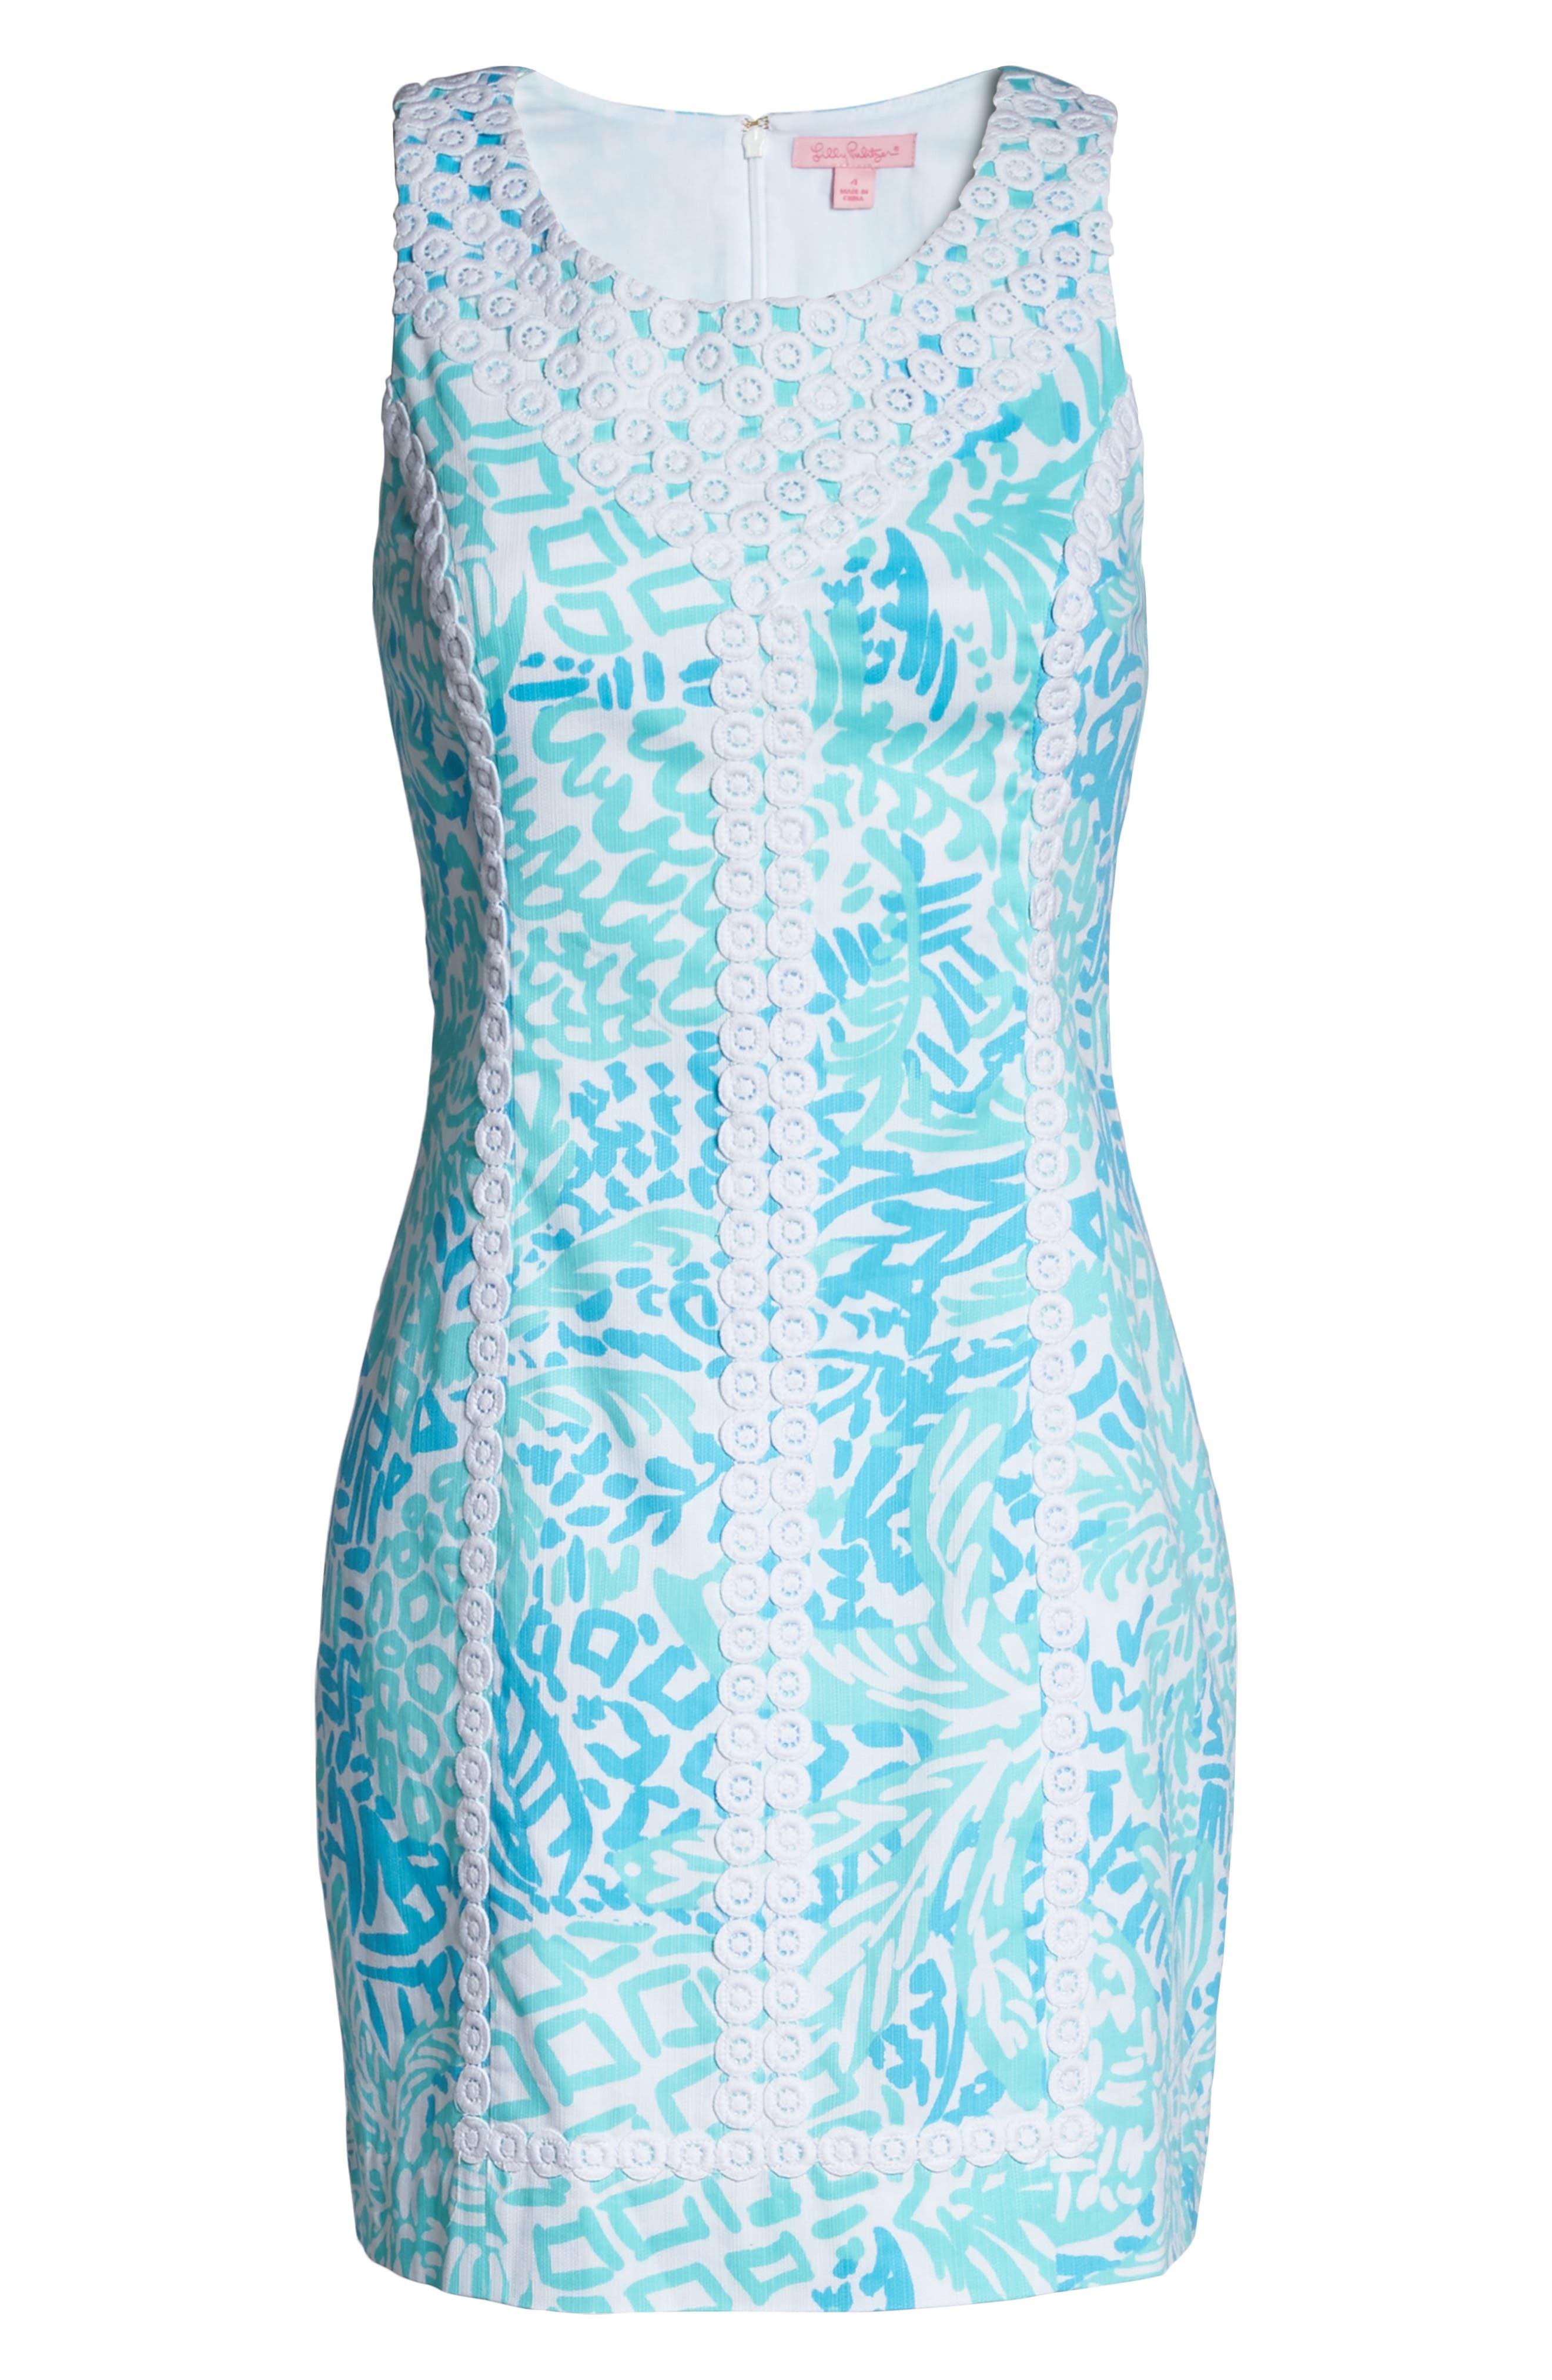 McFarlane Sheath dress,                             Alternate thumbnail 6, color,                             Seaside Aqua Home Slice